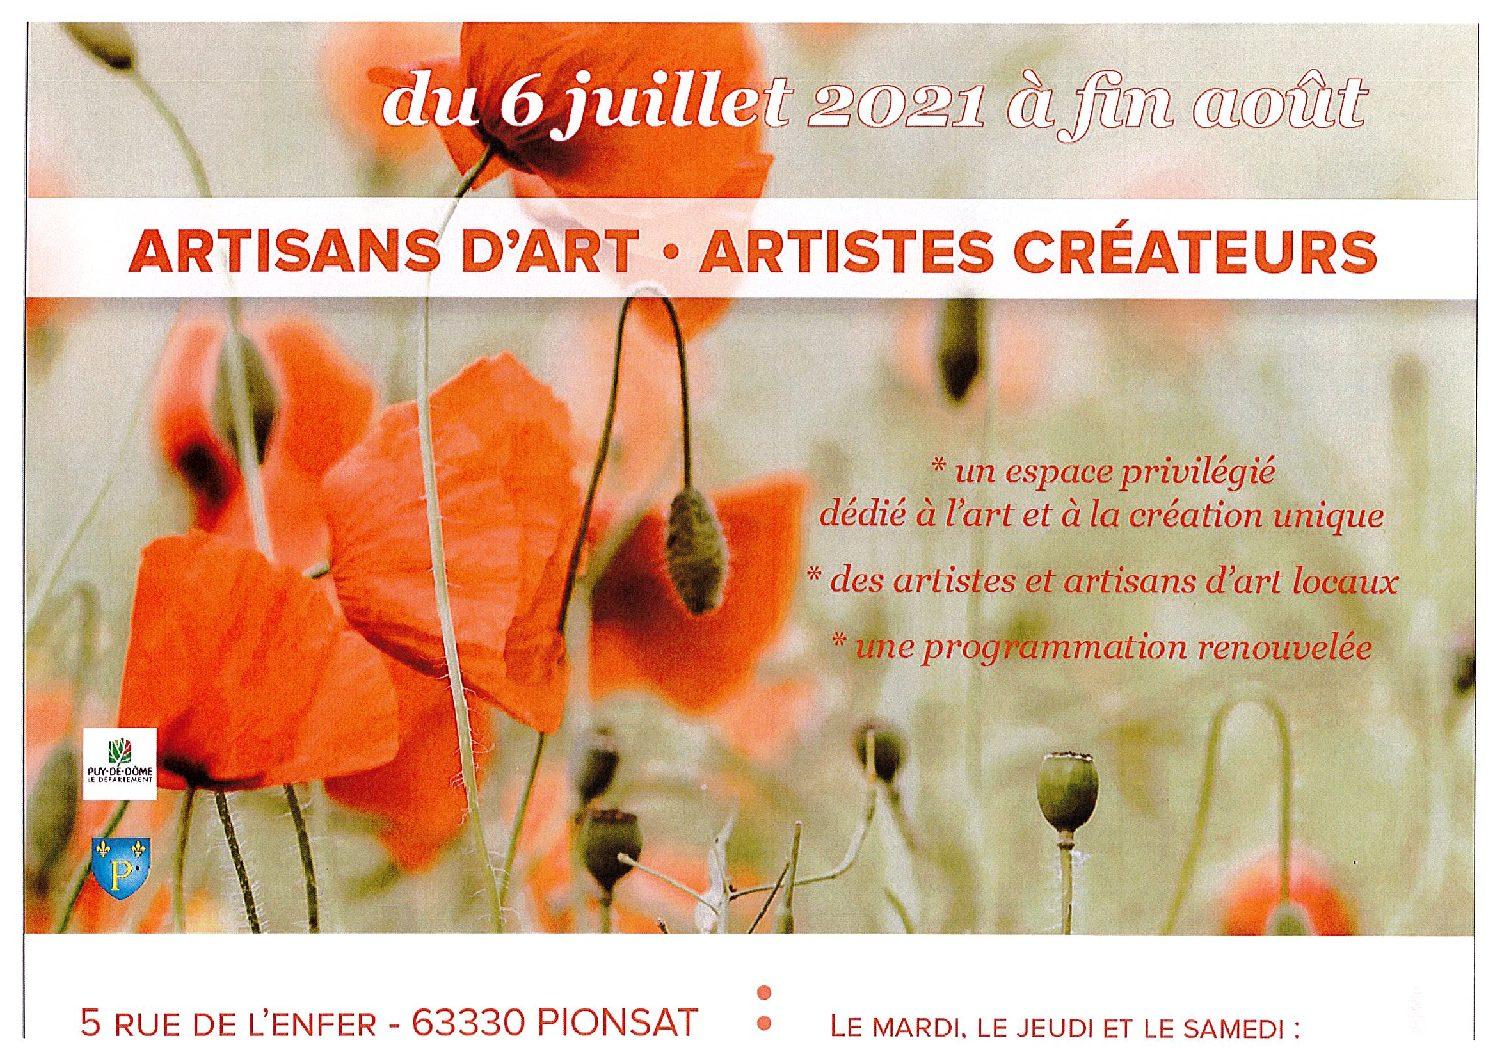 ARTISANS D'ART – ARTISTES